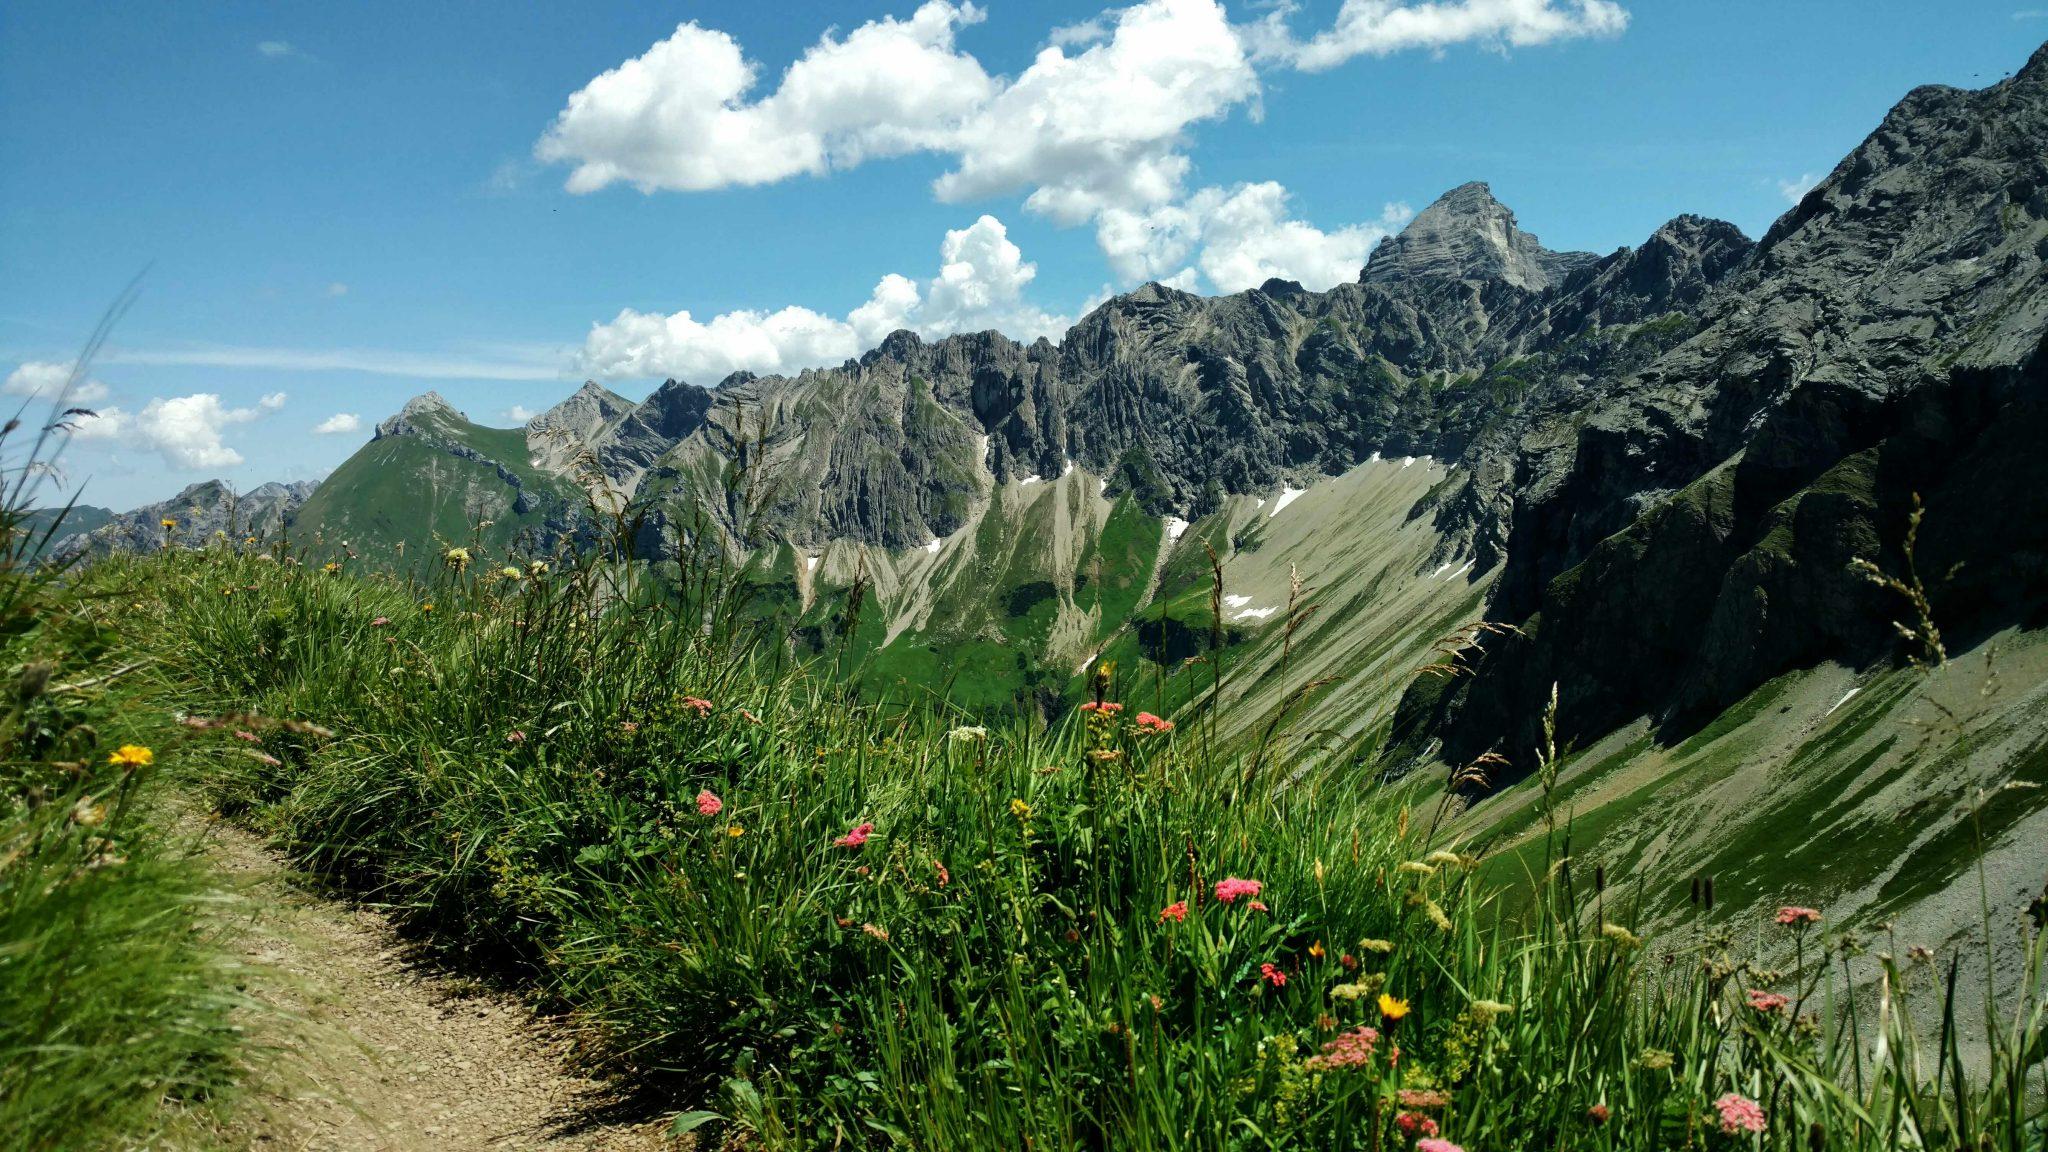 Bergwandel_via_alpina_allgauer_alpen